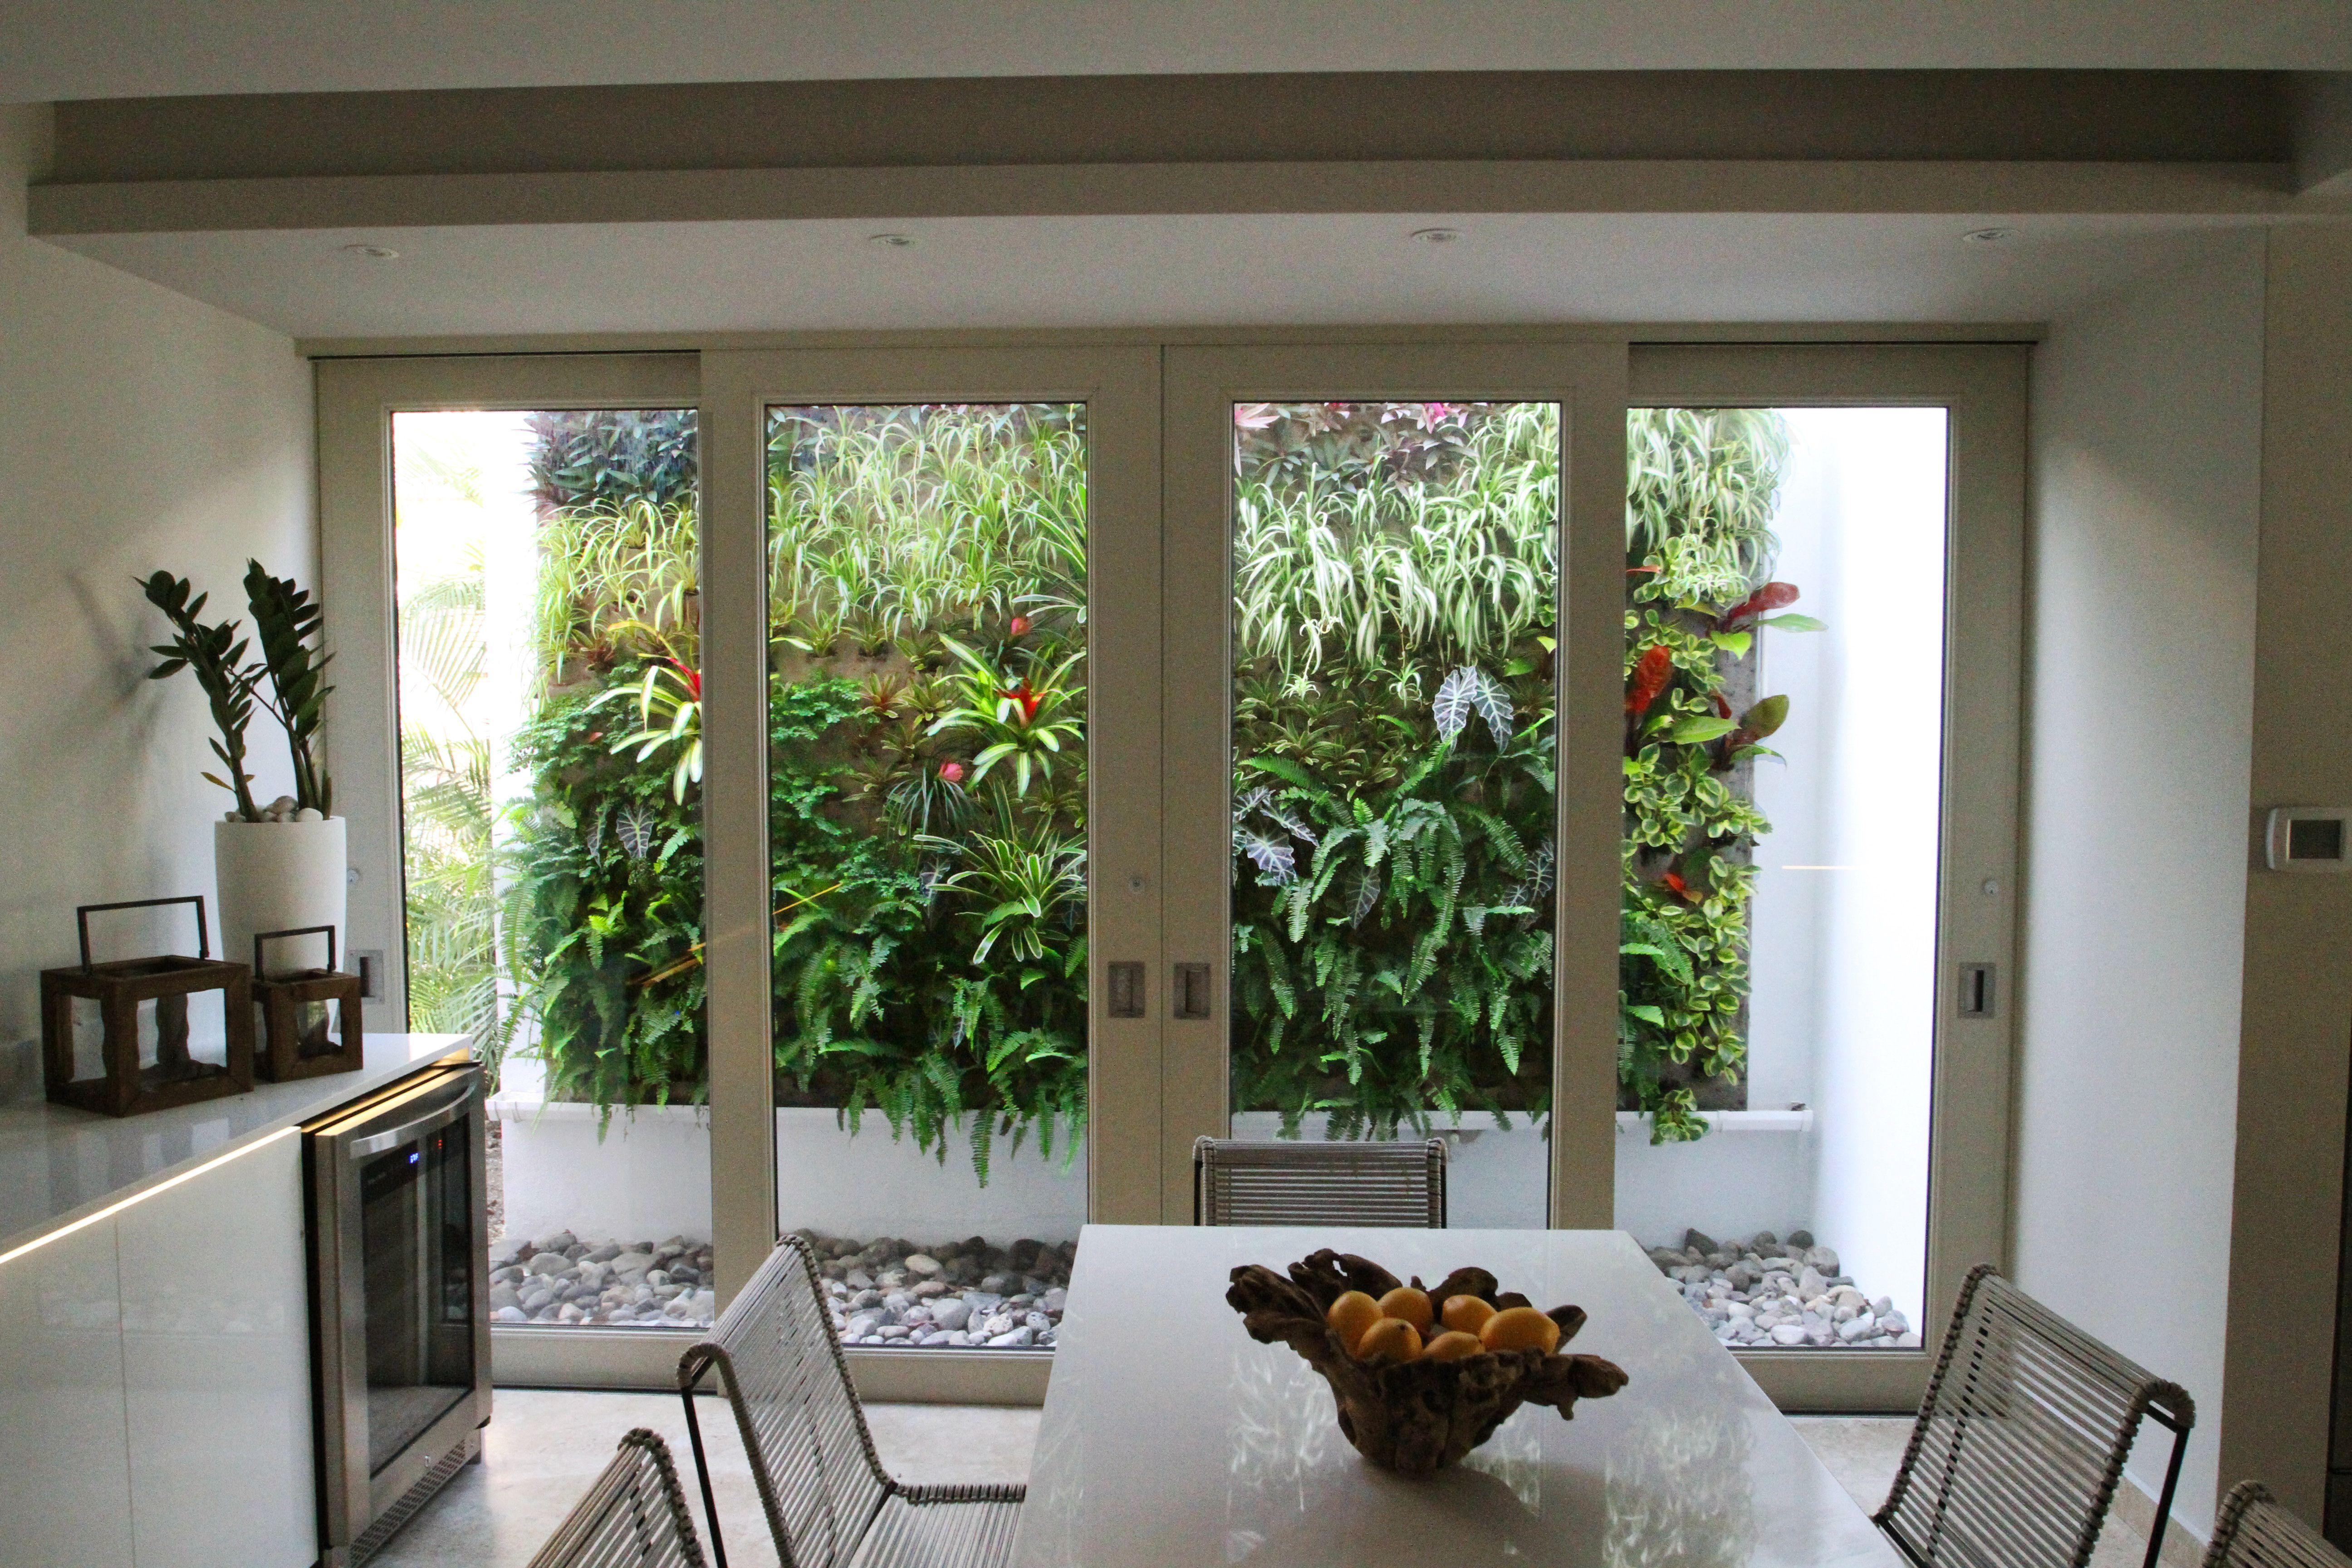 Interior patio vertical garden | Vertical garden, Vertical ... on Green Wall Patio id=29038